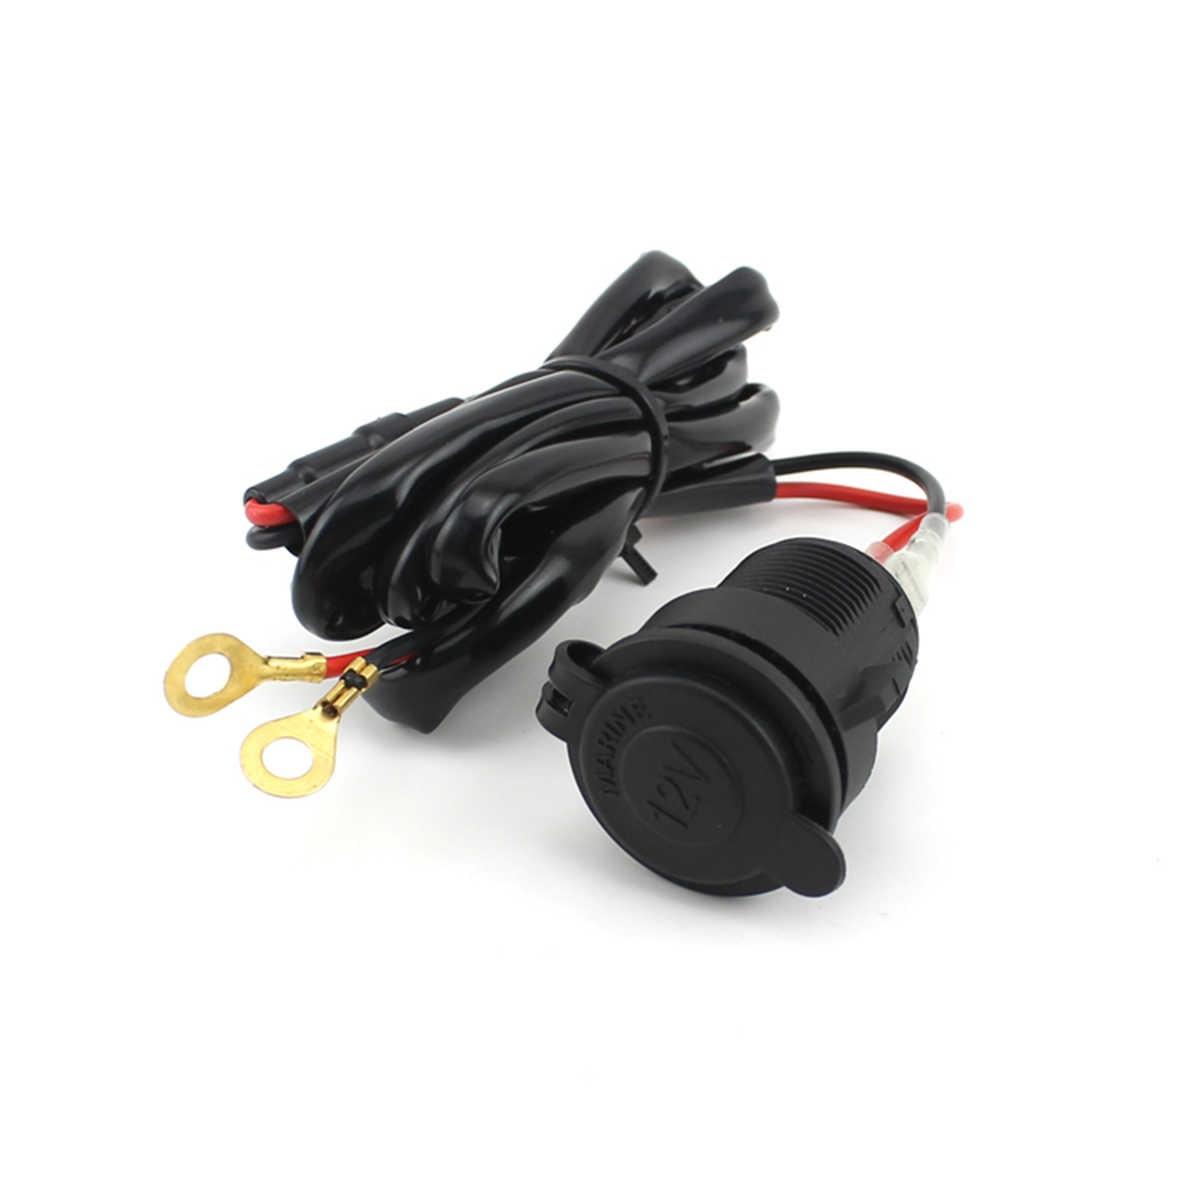 Mobil Sepeda Motor Wanita Pemantik Charger Adaptor 12 V Plug Socket Outlet dengan 1.5 M Fuse Line Kawat untuk GPS /Ponsel/MP3